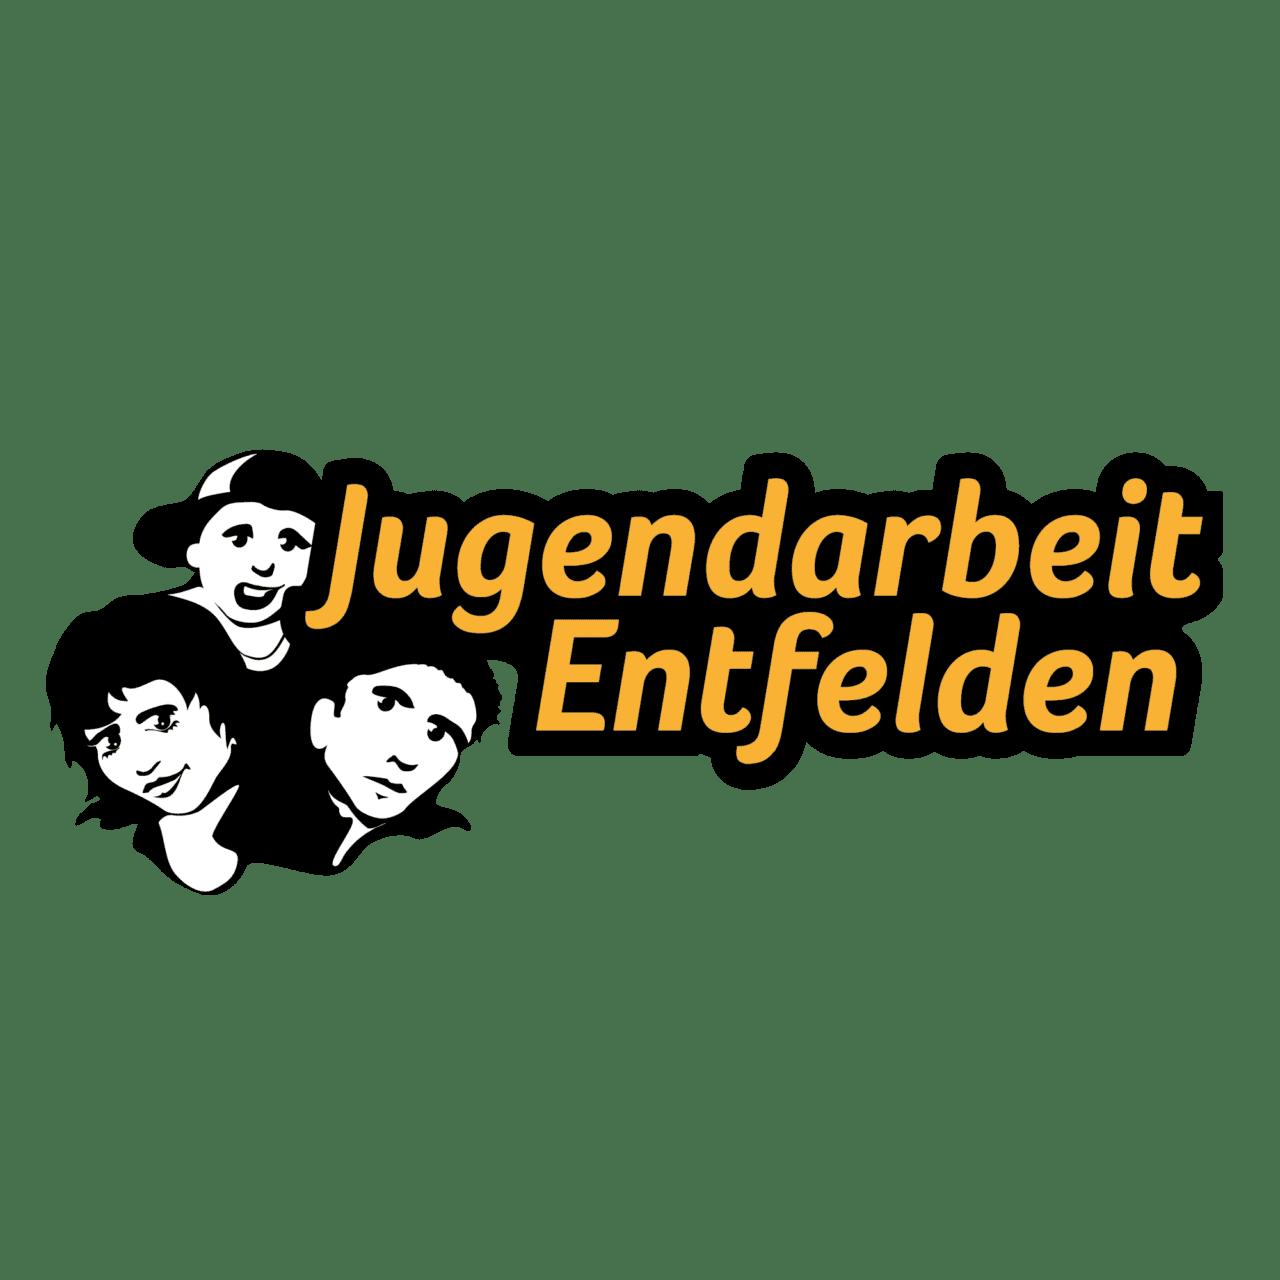 Logo Jugendarbeit Entfelden